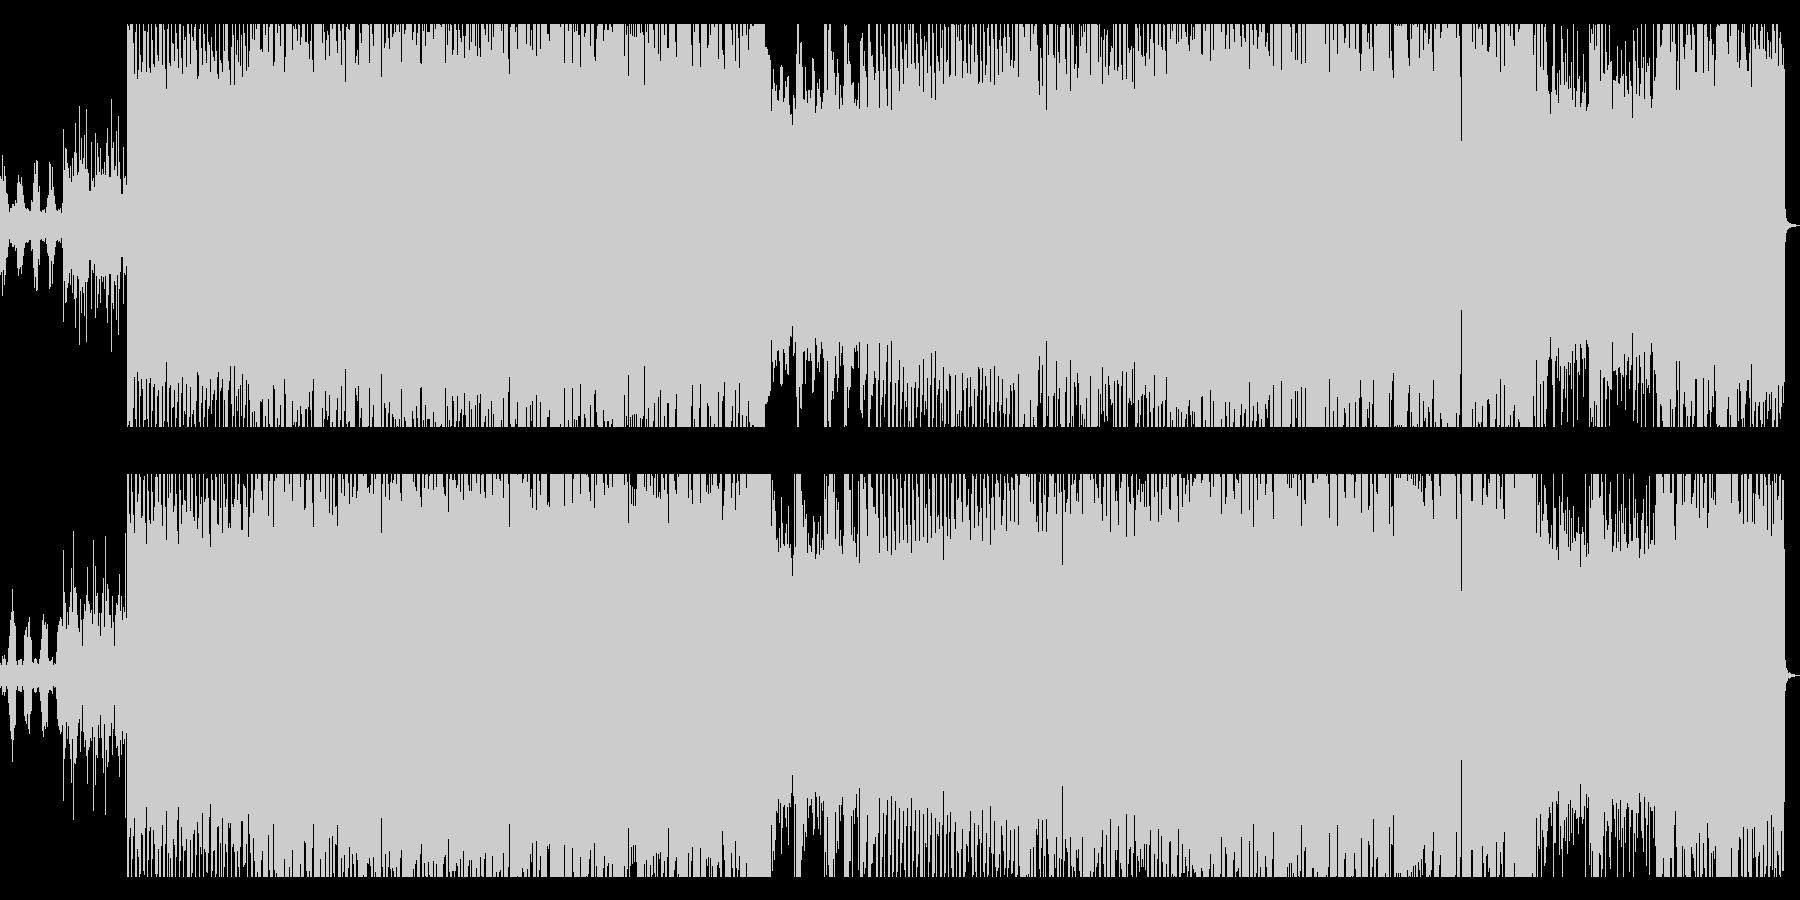 ギター/ベースのリフがメインのロックの未再生の波形